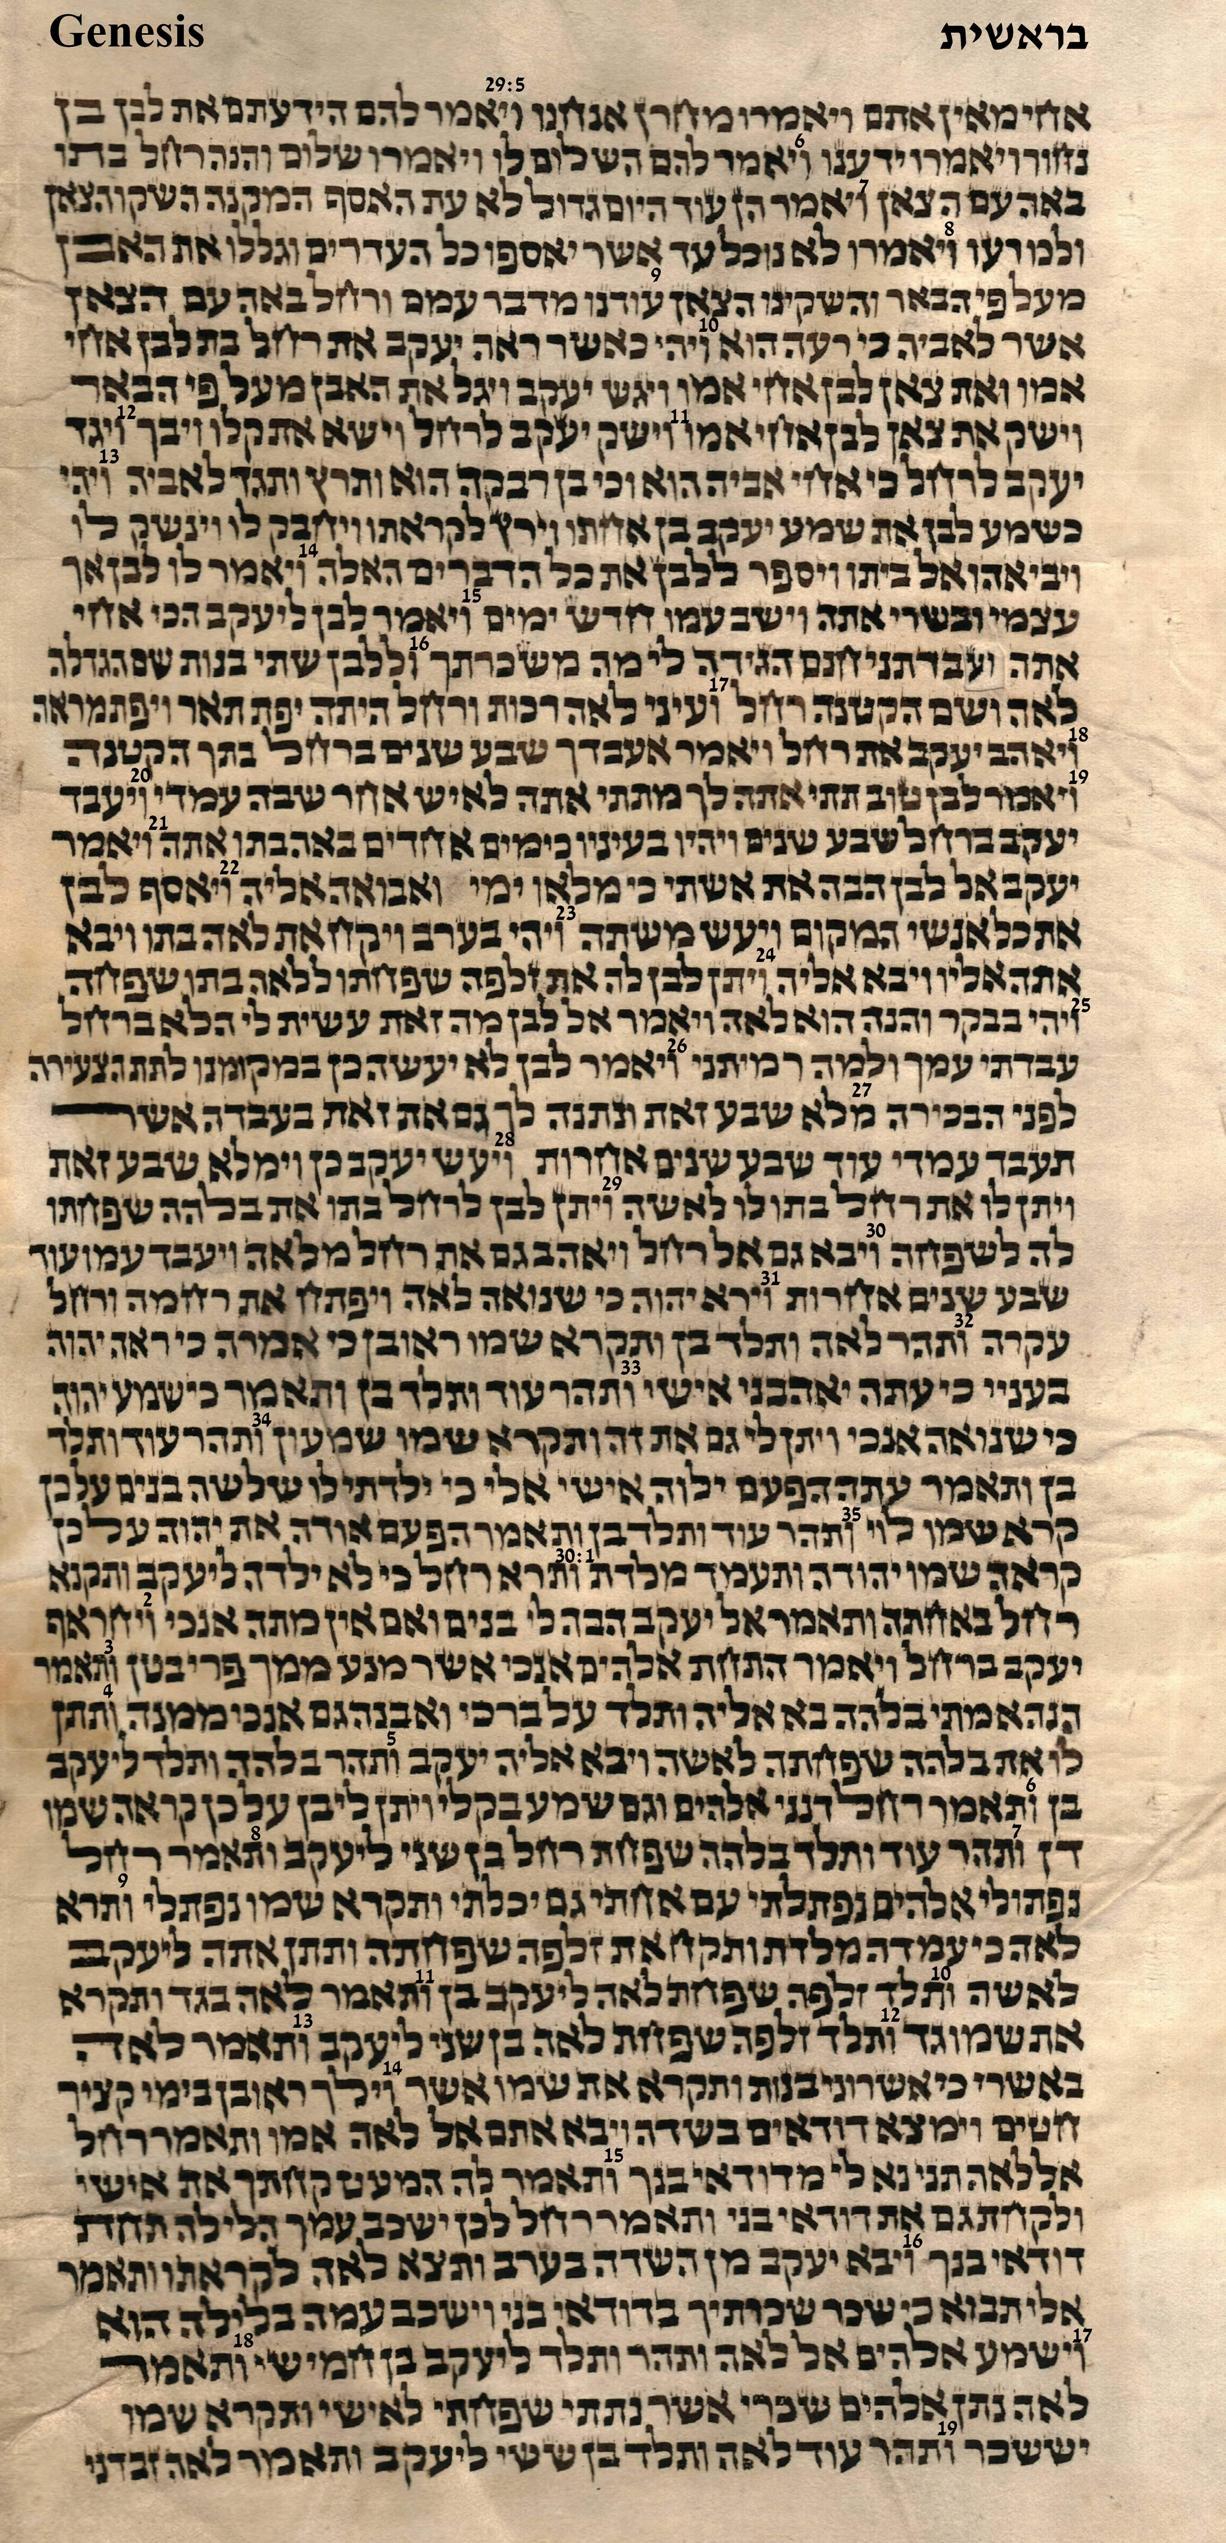 Genesis 29.5 - 30.20